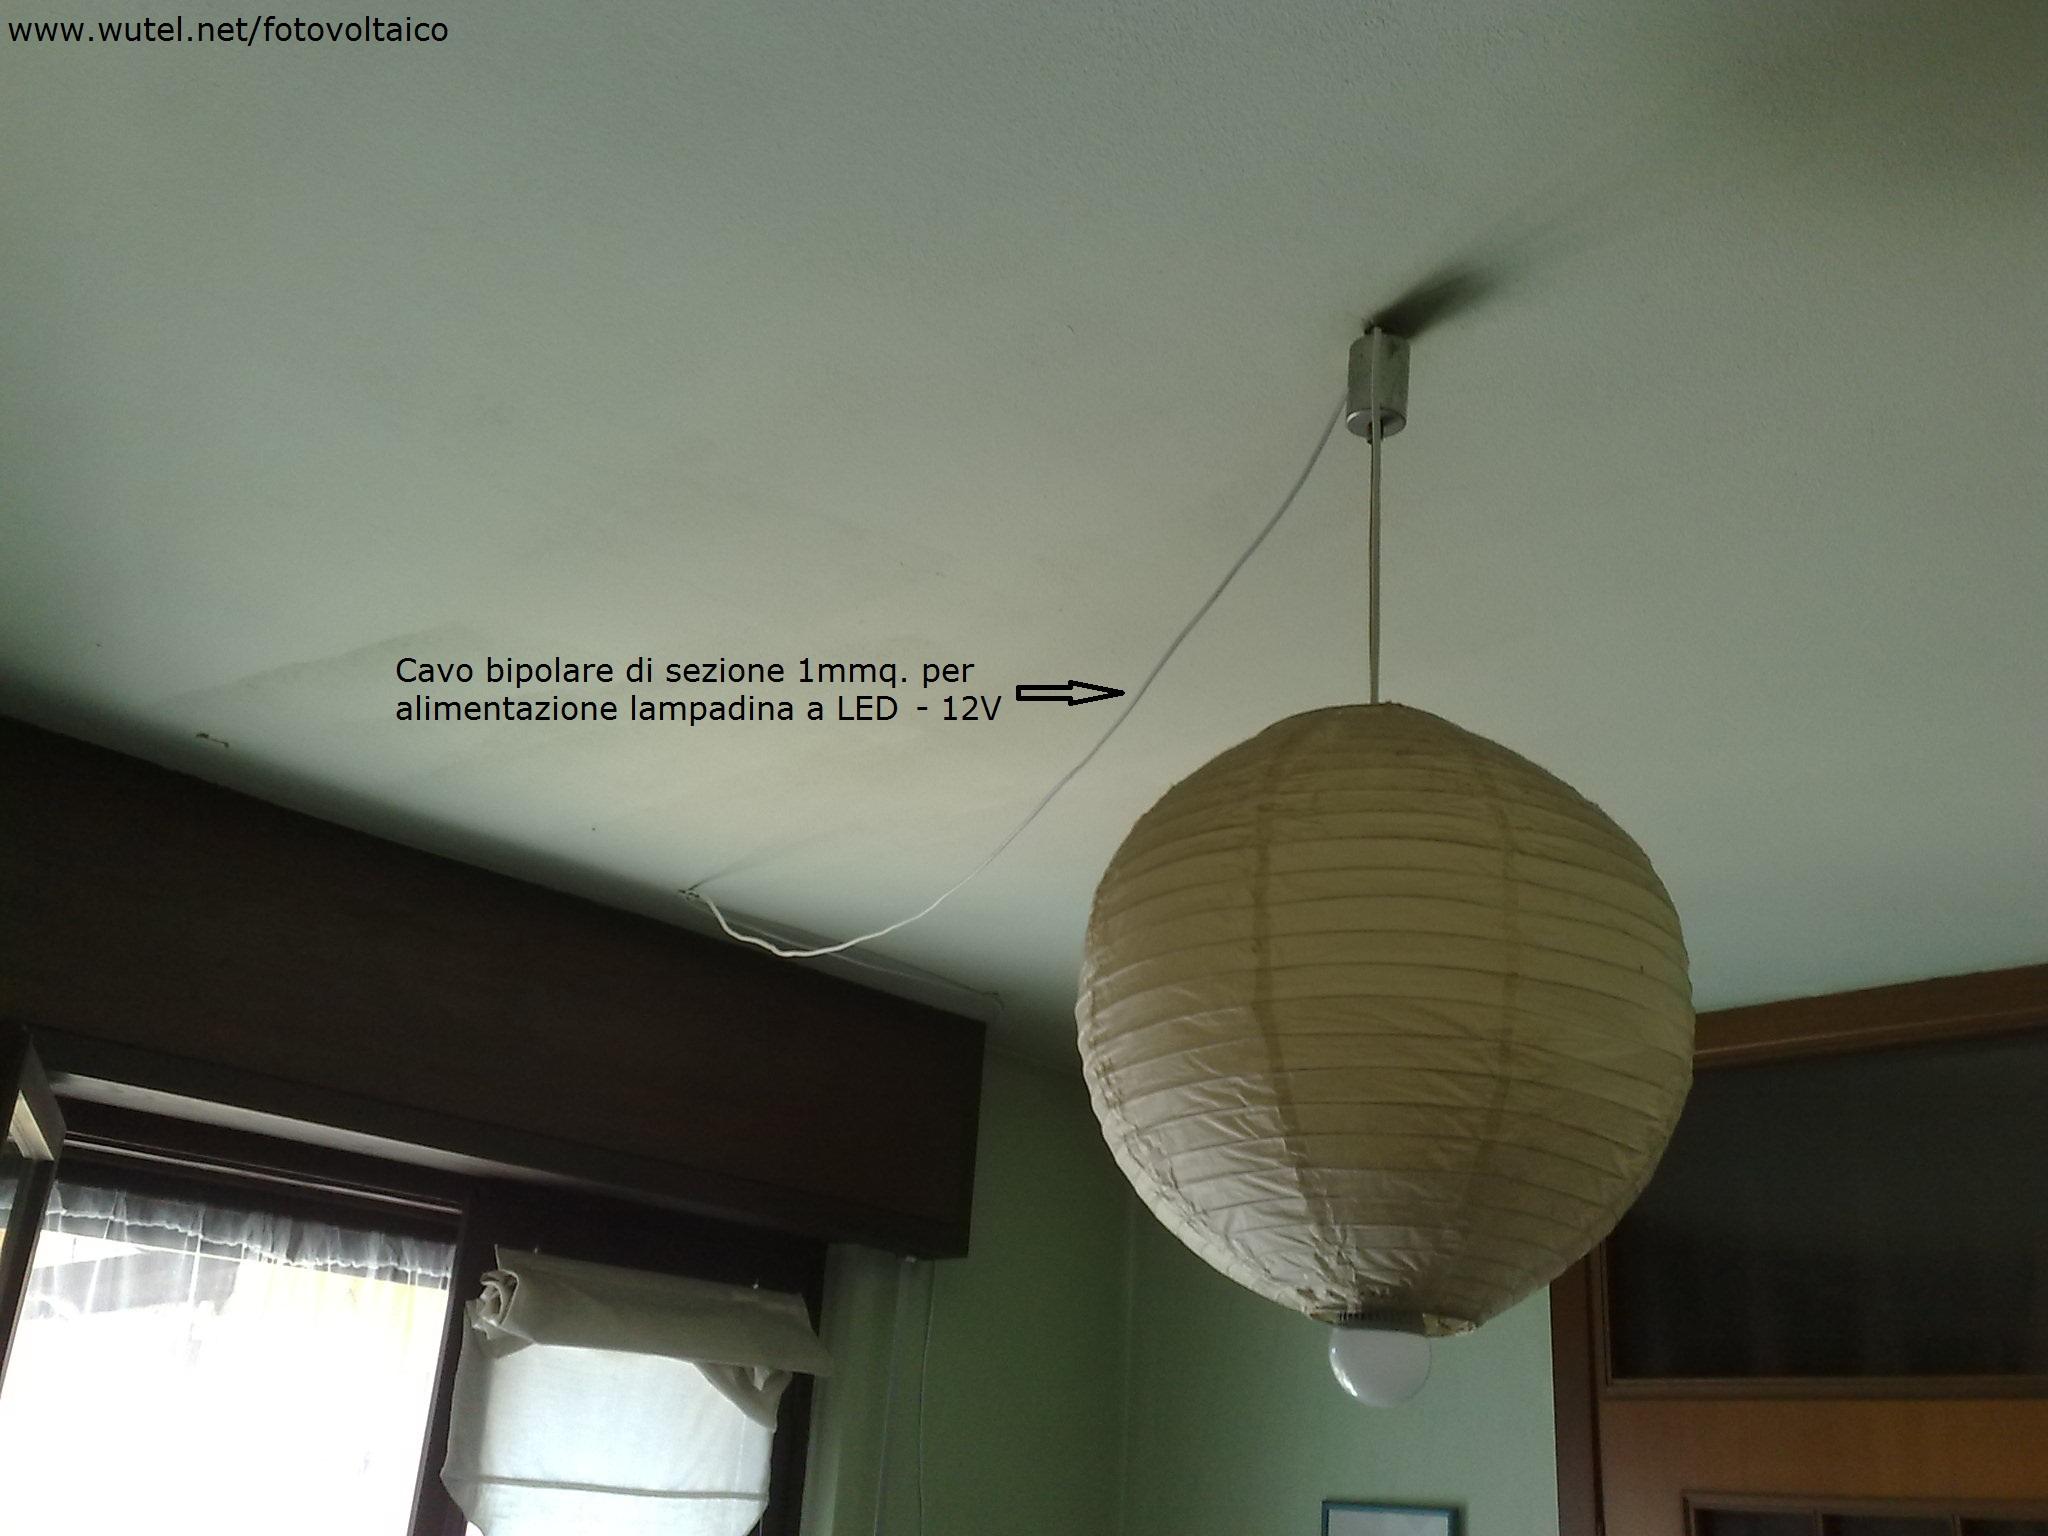 Lampadine Con Filo : Lampadine con filo alfred? lampadario in acrilico ...